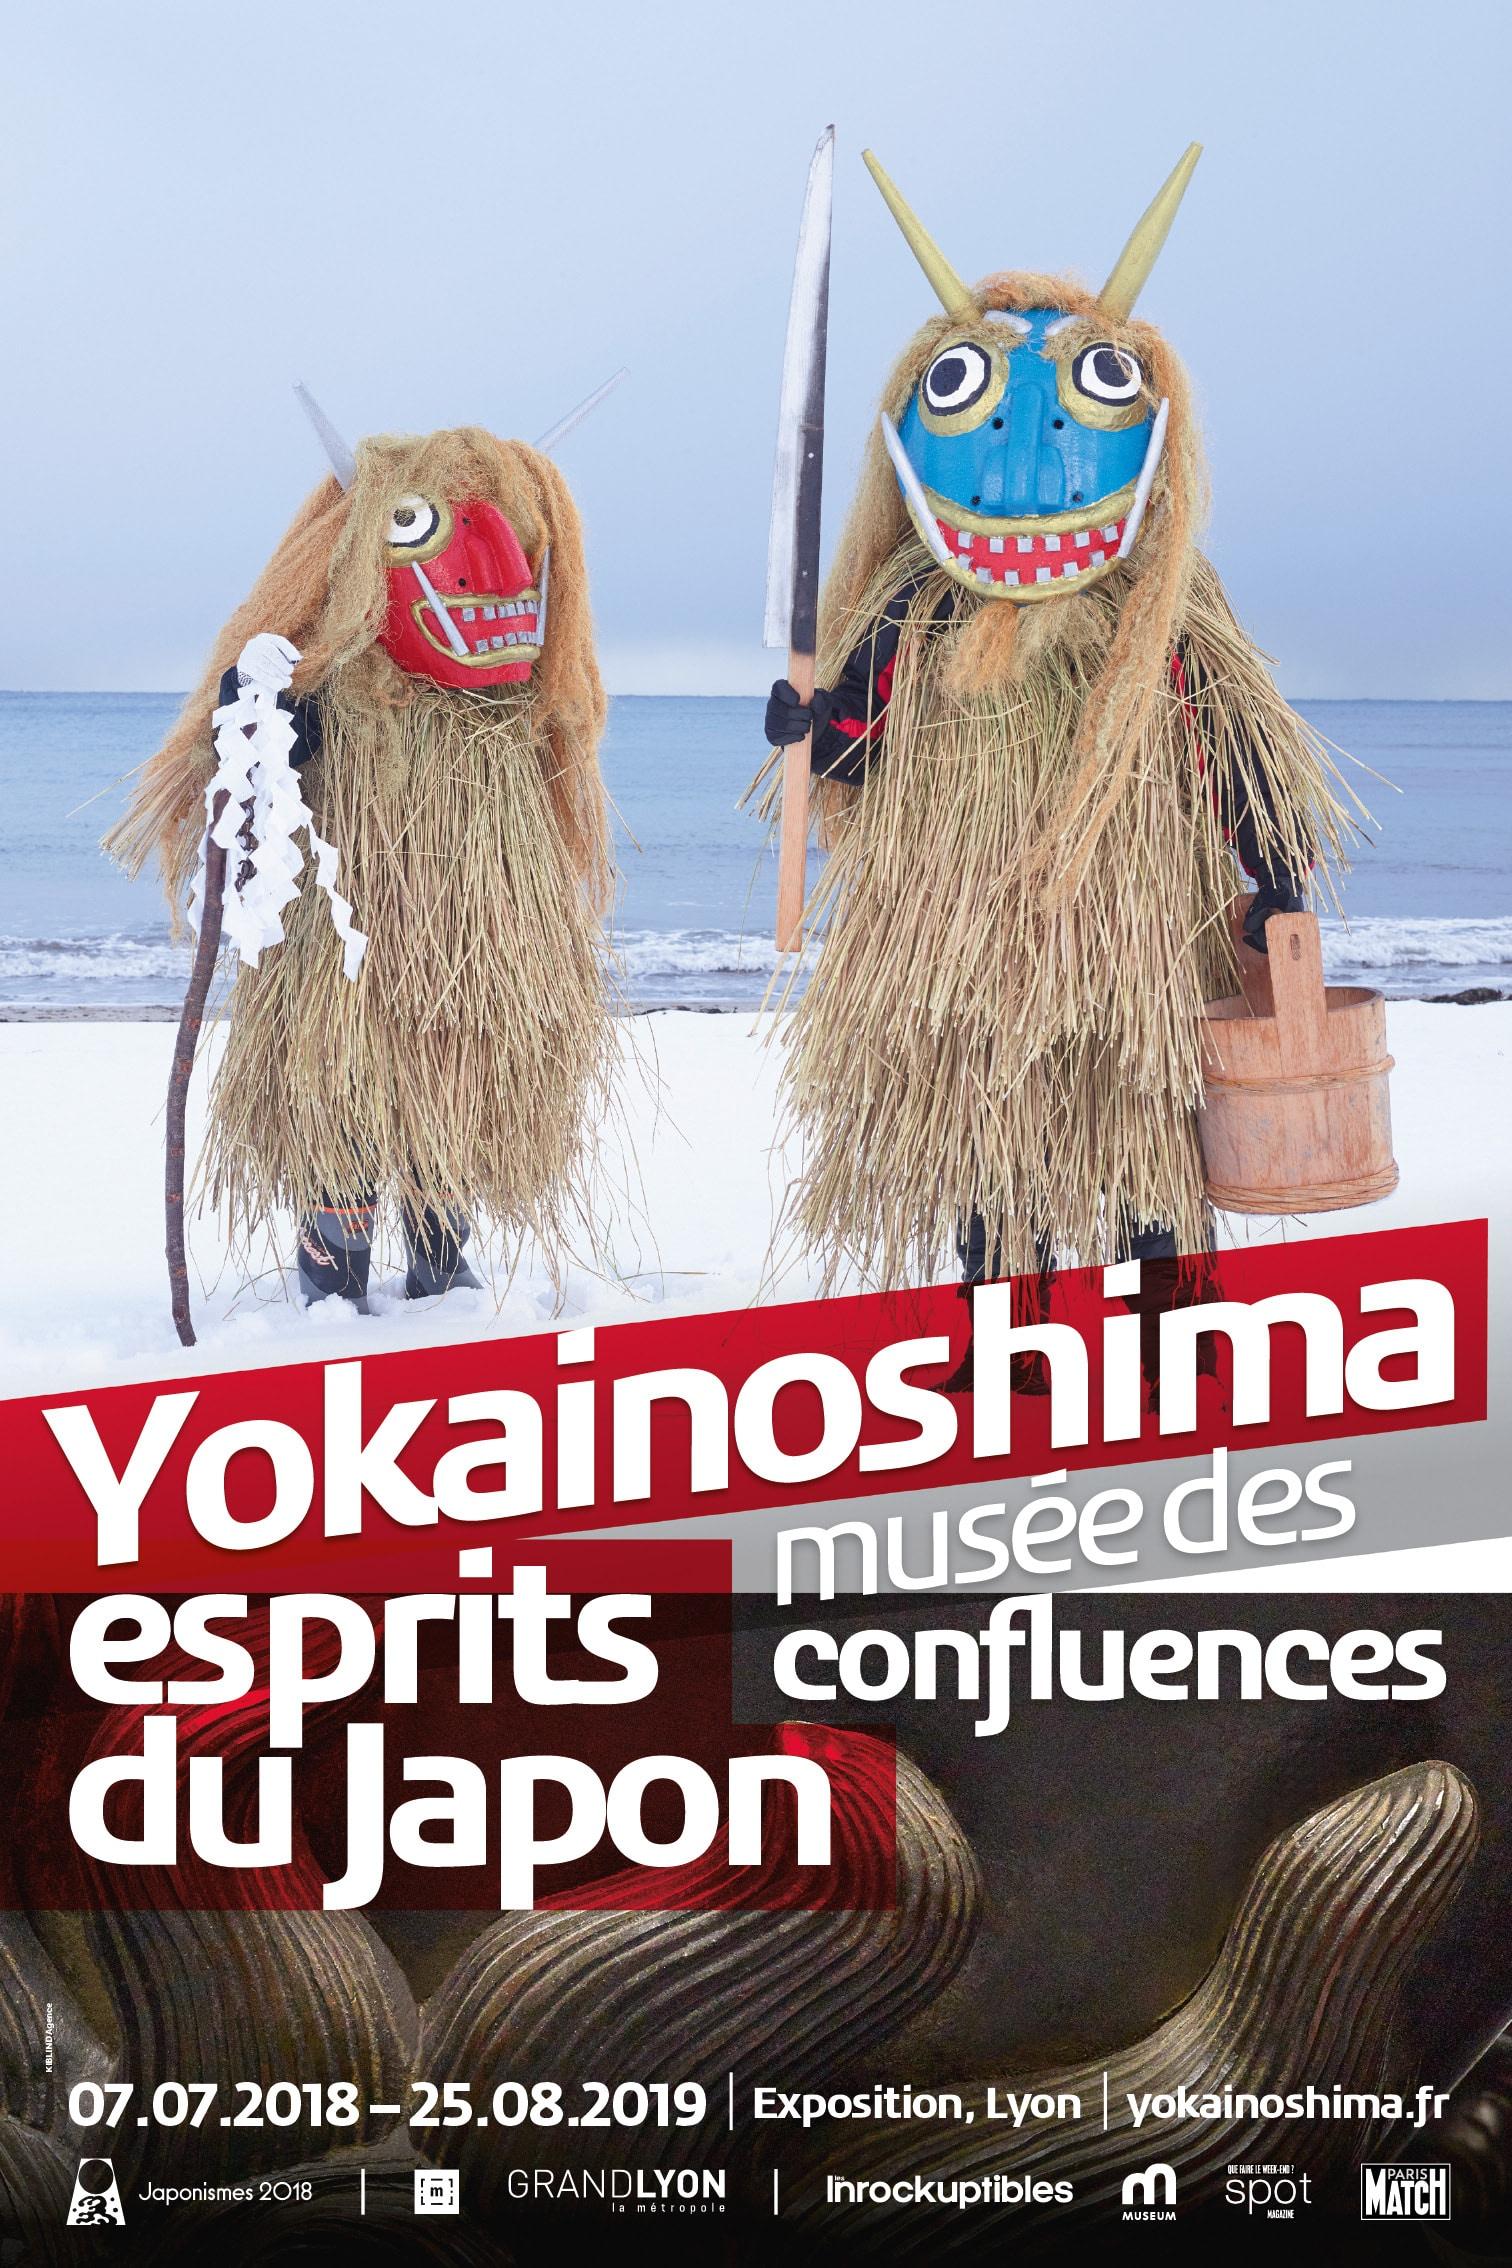 Yokainoshima, spirits from Japan